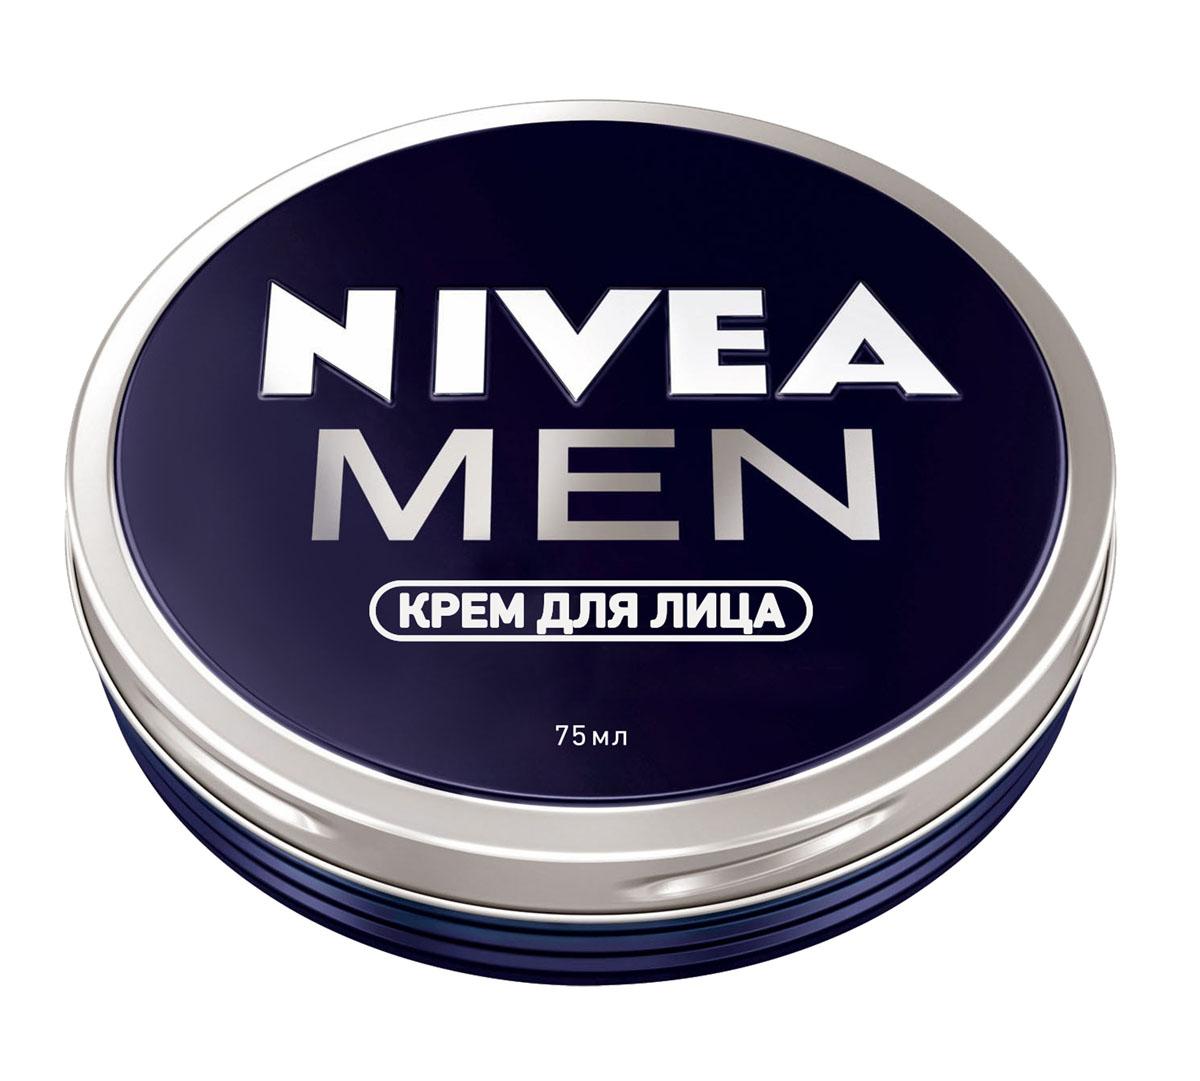 NIVEA MEN крем для лица 75мл.1004505Разработан специально для мужской кожи с учетом ее особенностей Эффективное увлажнение и защита от сухости кожи легкая текстура быстро впитывается